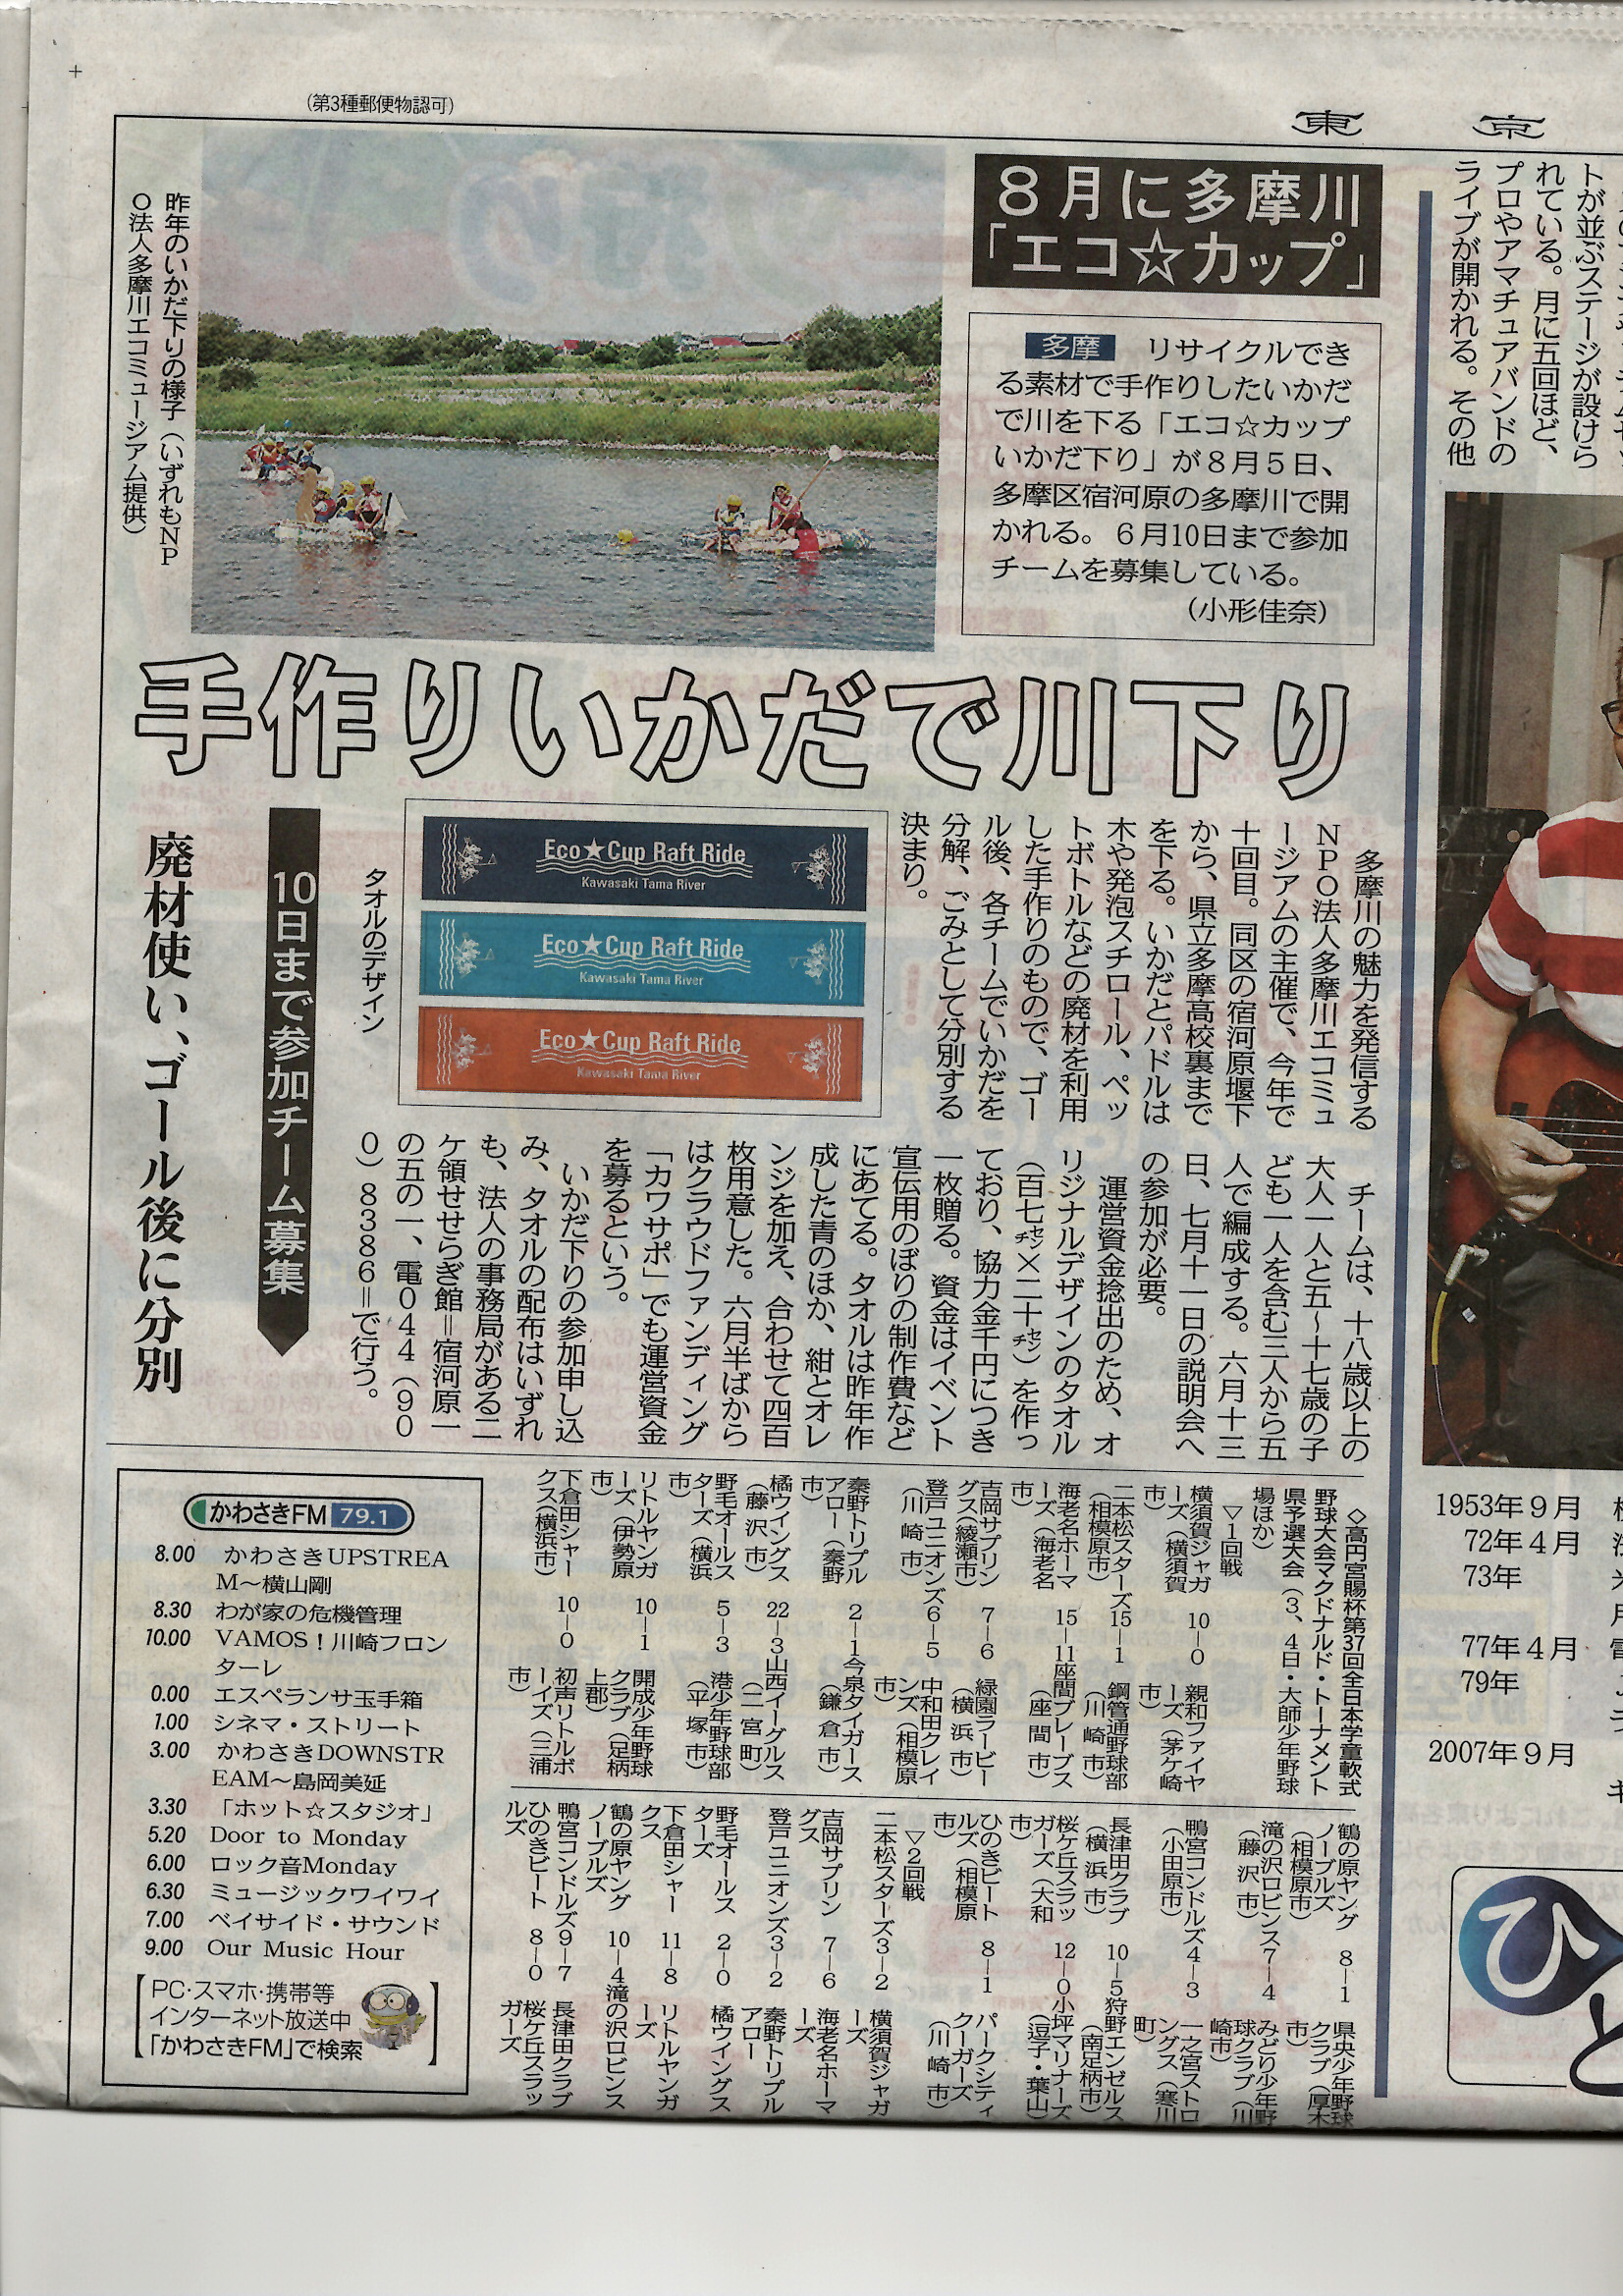 多摩川エコ☆カップ いかだ下り開催費用への支援をお願いします!